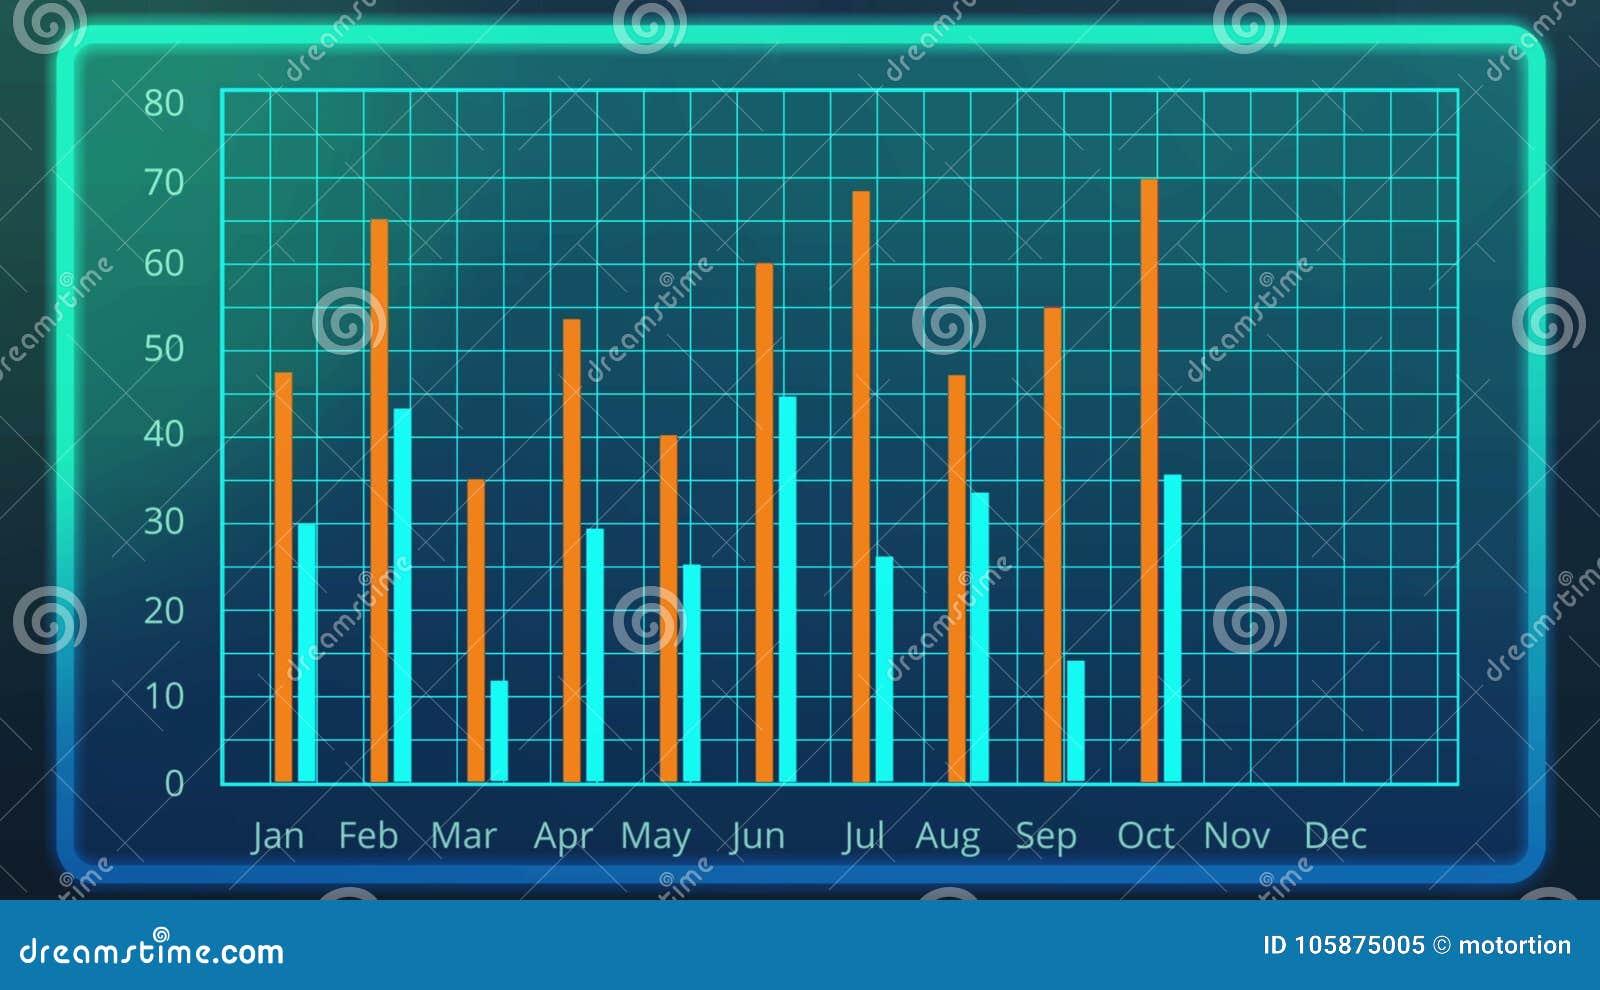 La carta de barra electrónica que mostraba resultados mensuales comparó a los datos del año pasado